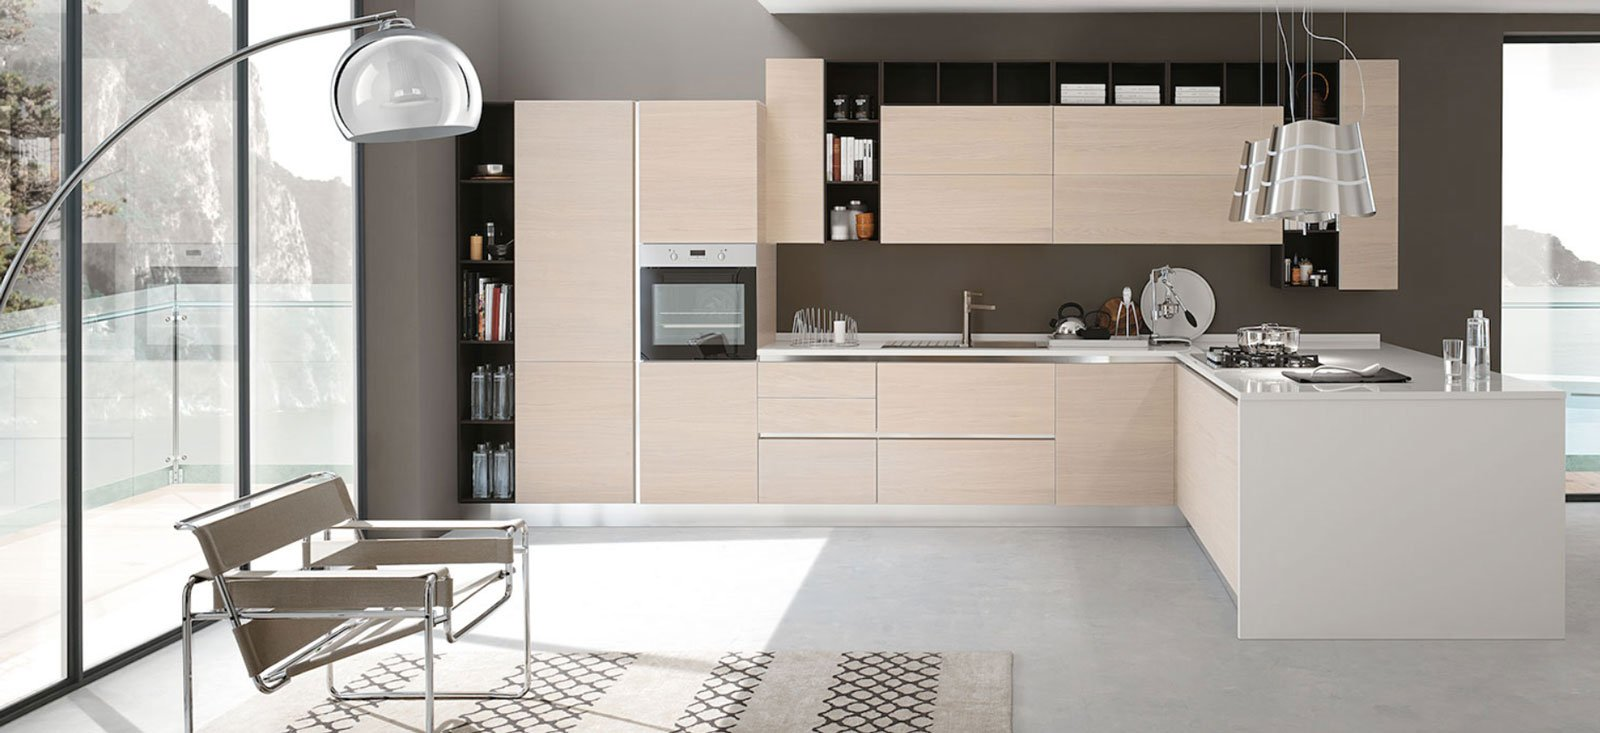 cucina: progettare la disposizione dell'arredo - cose di casa - Cucina Moderna Usata